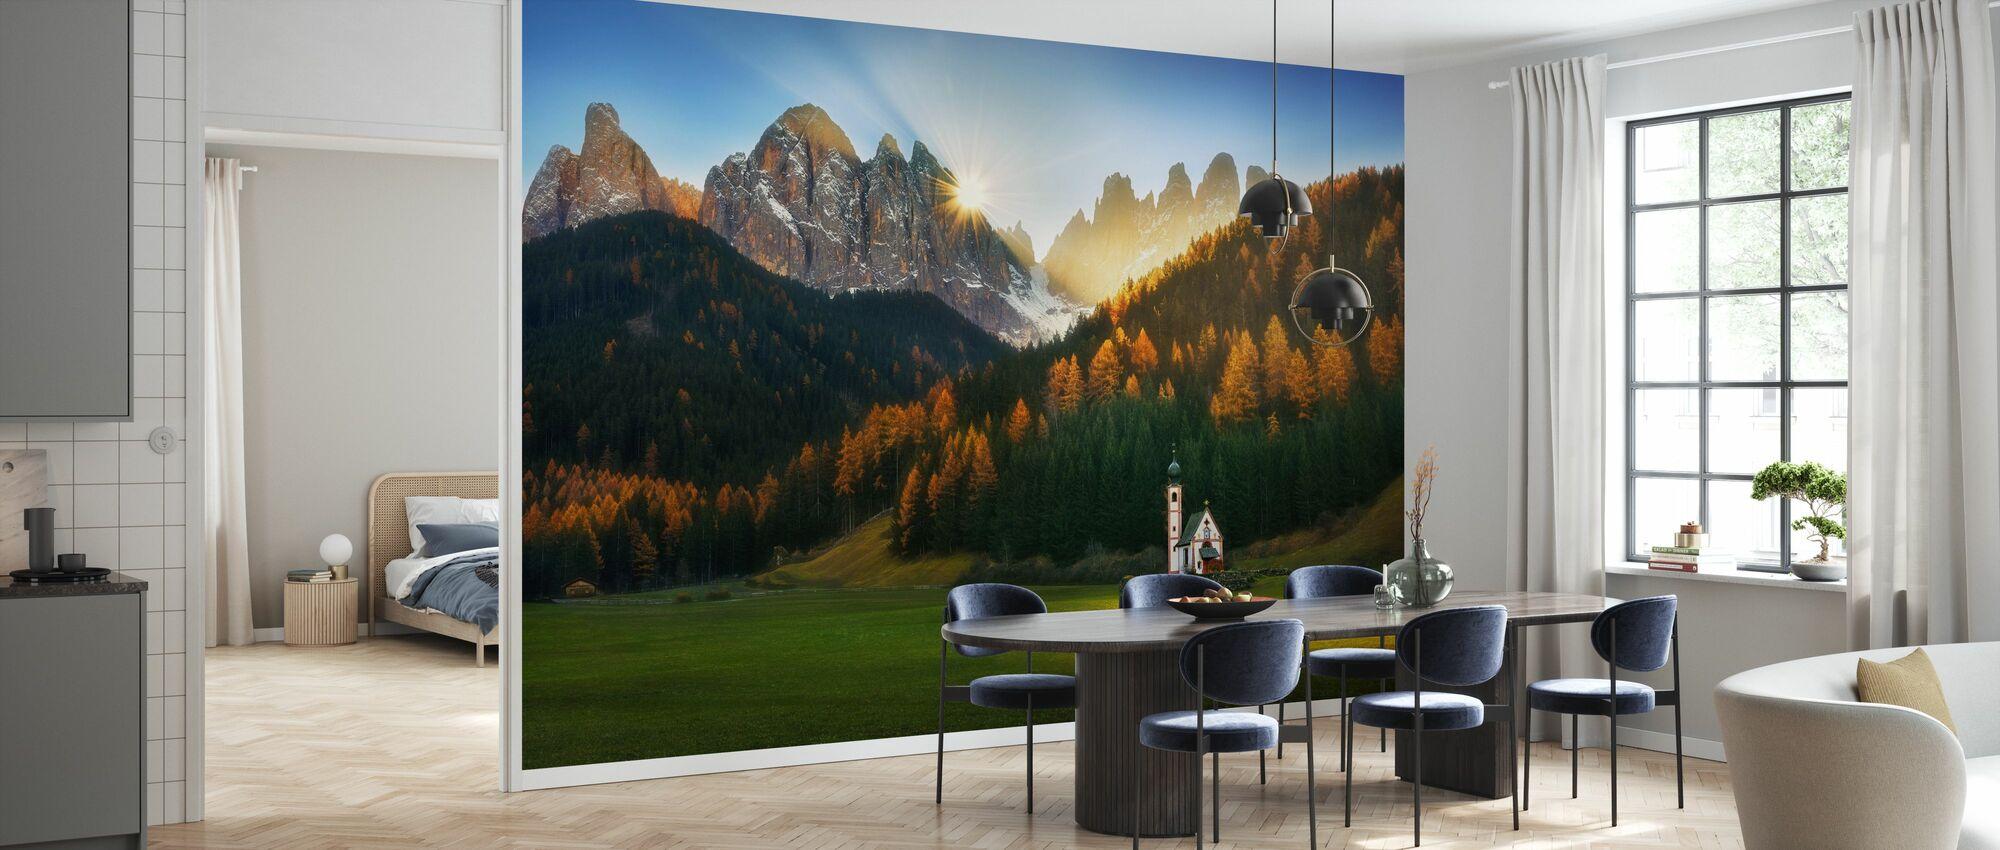 Santa Maddalena - Wallpaper - Kitchen